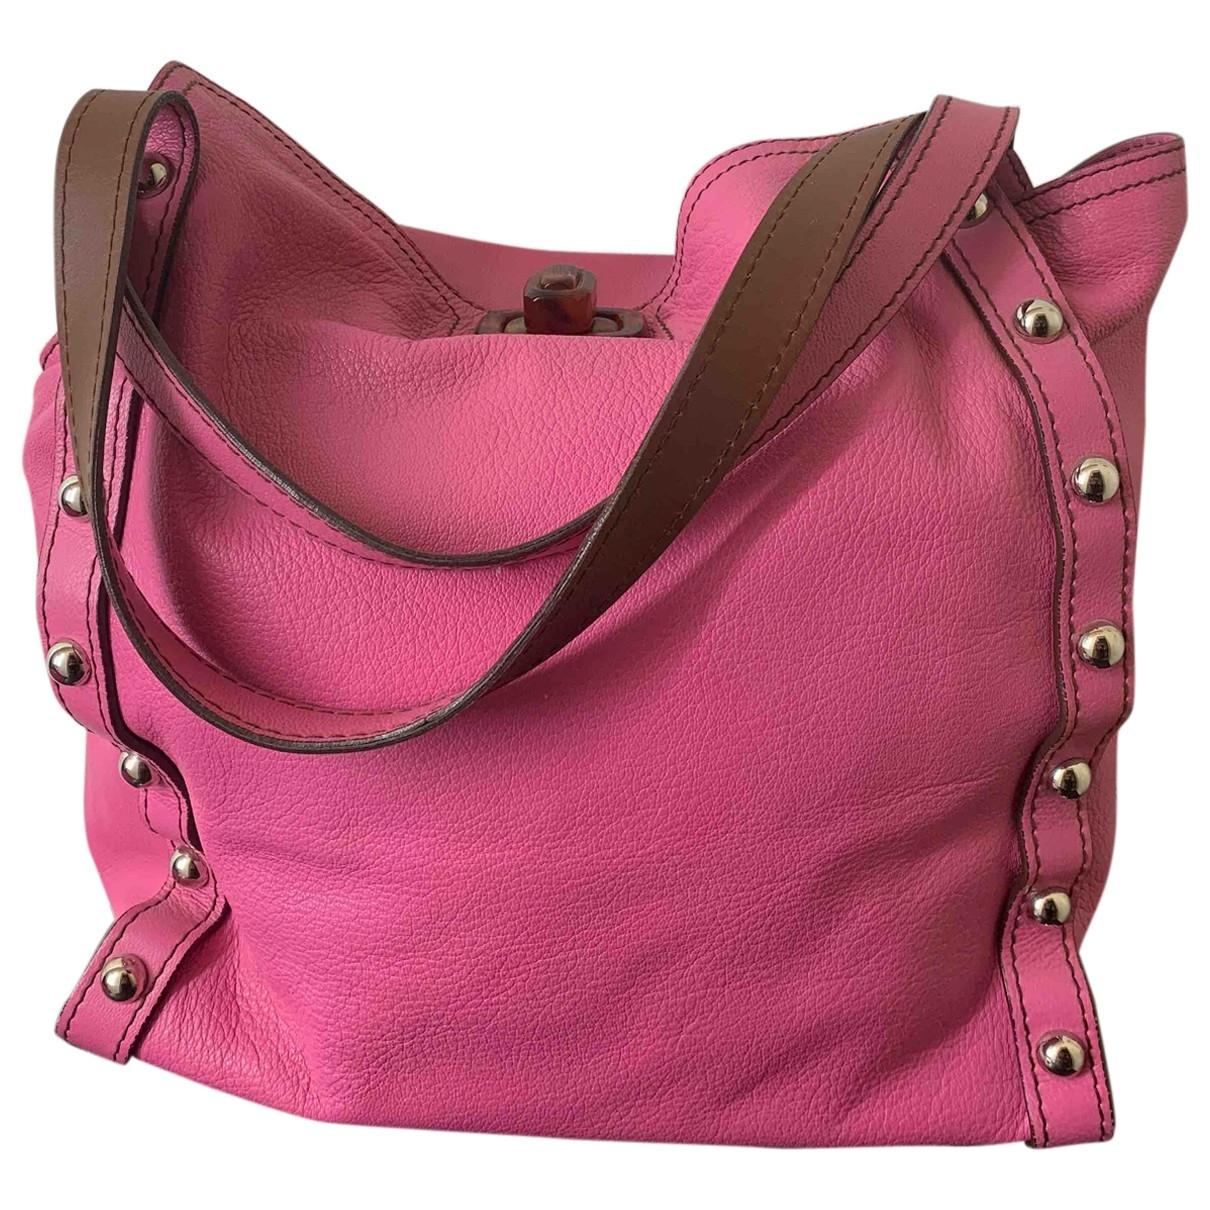 Lanvin \N Handtasche in  Rosa Leder